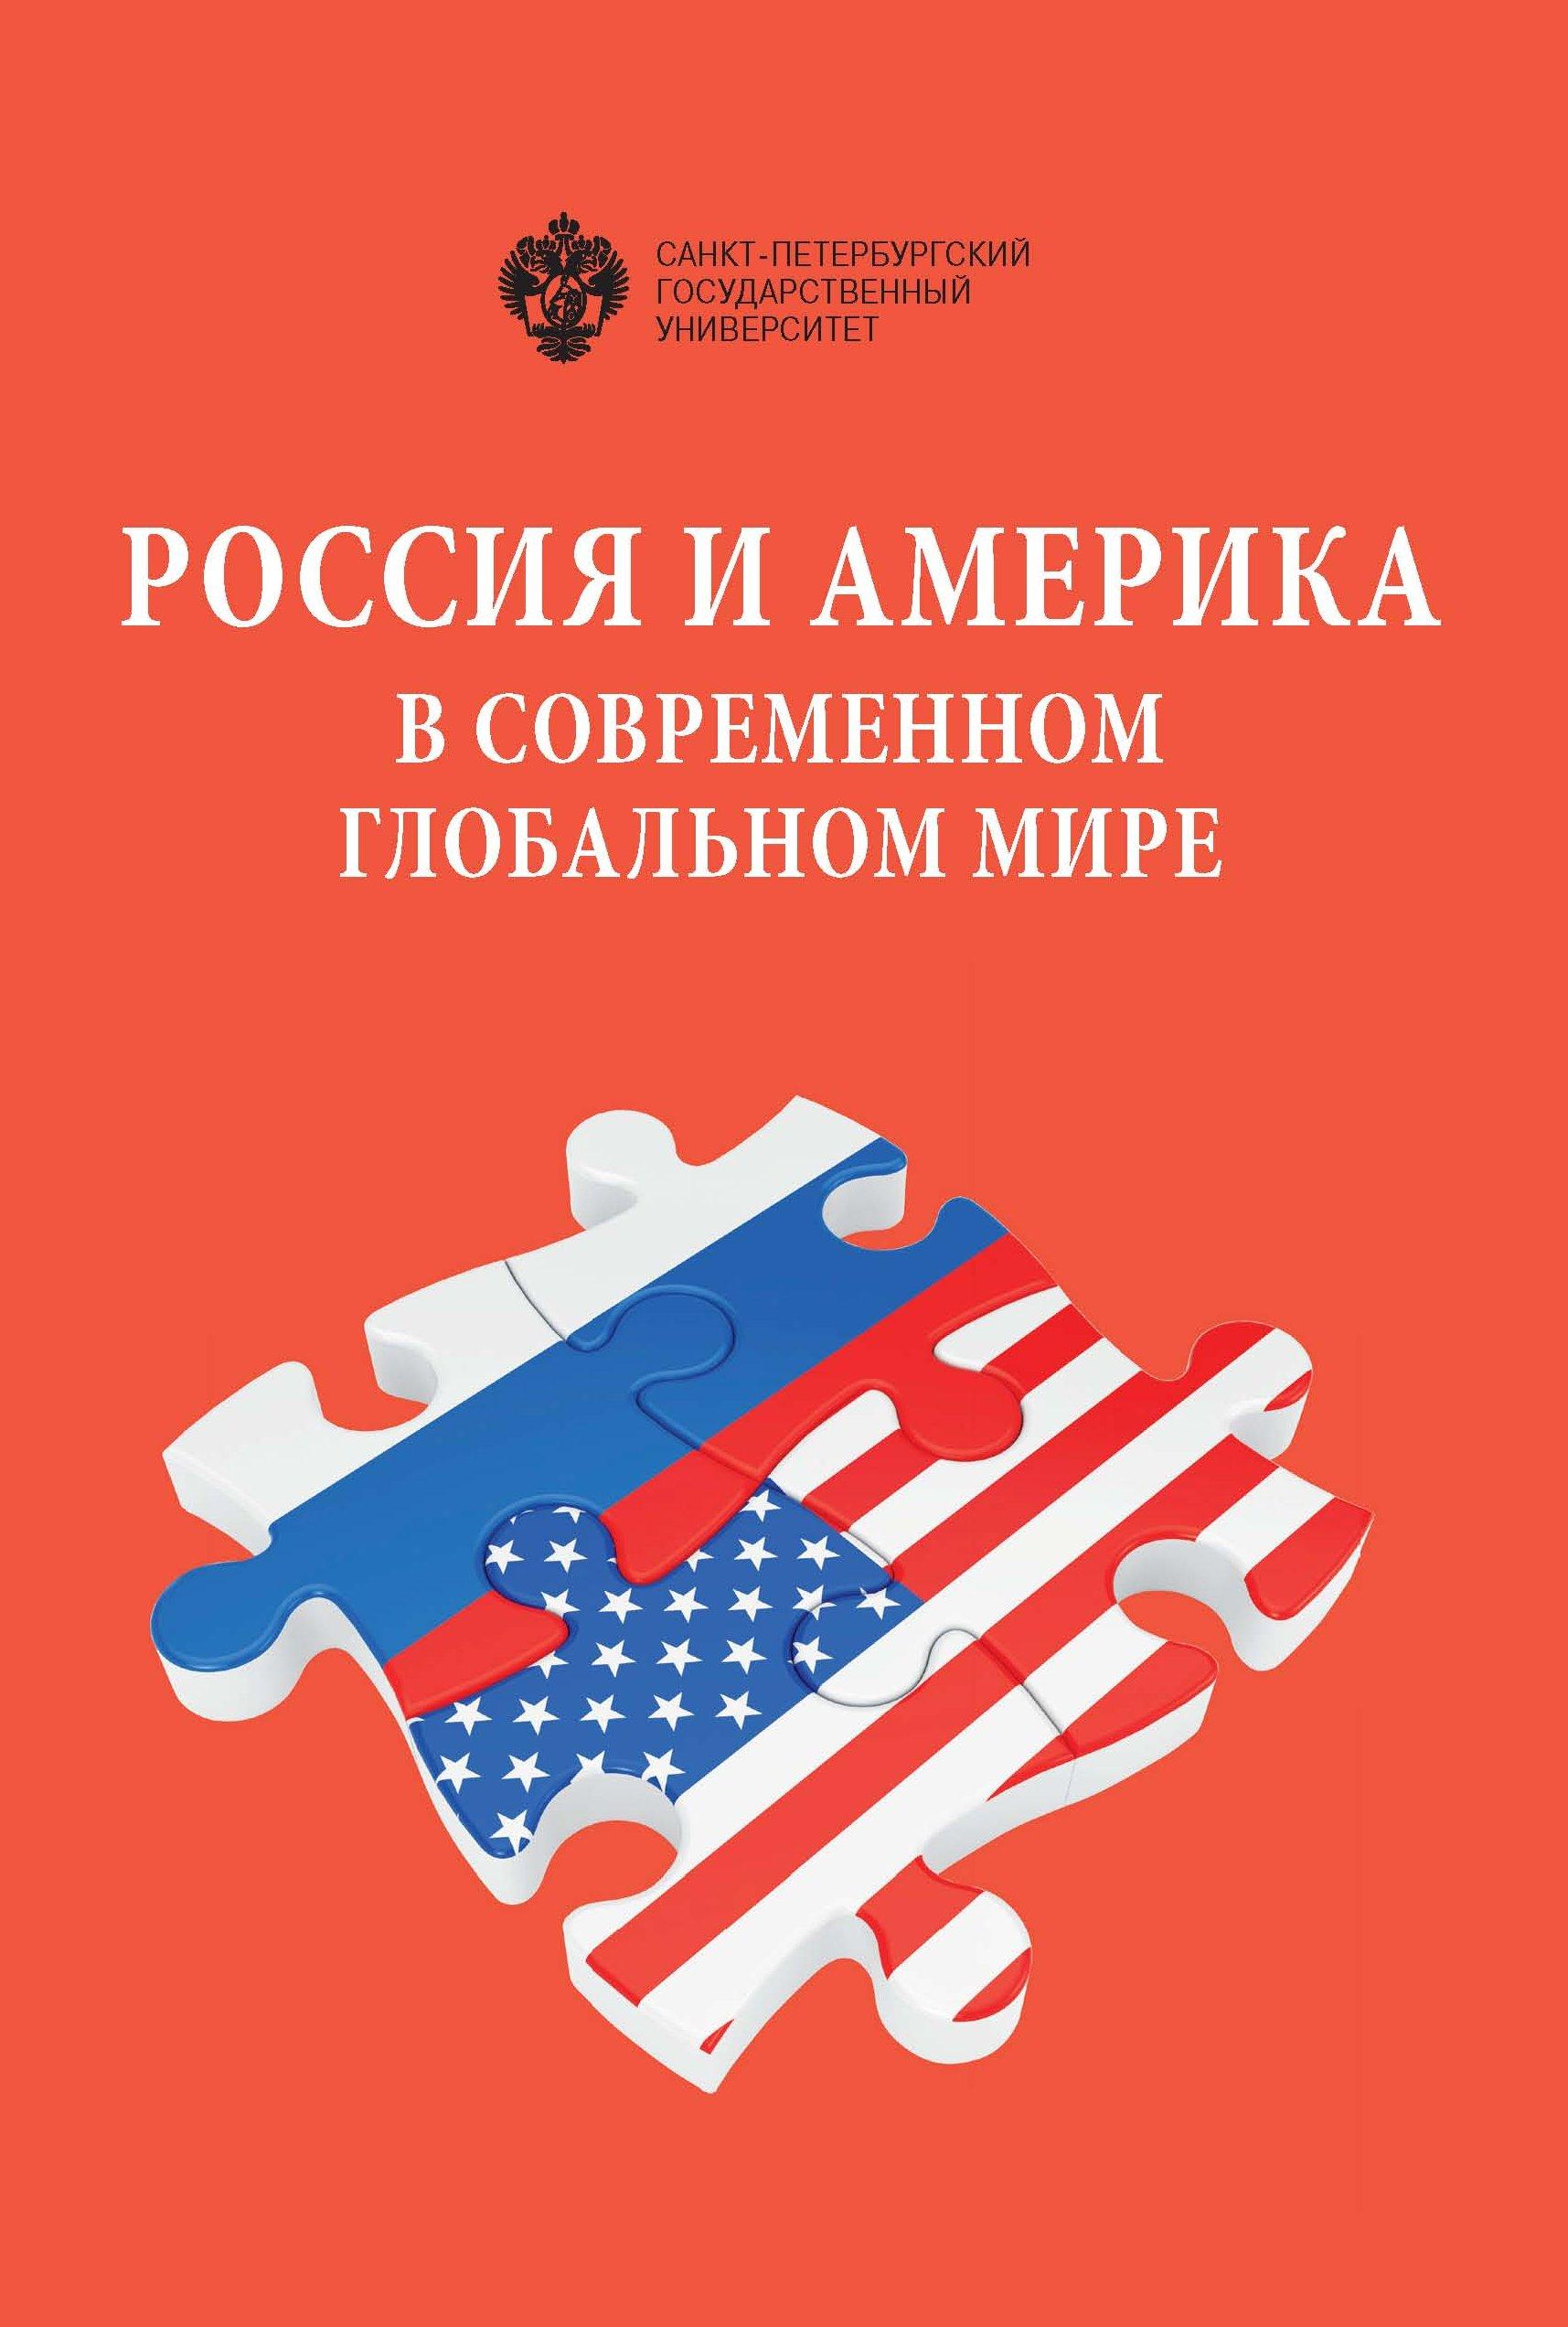 Россия и Америка в современном глобальном мире. Сборник докладов XXVII Российско-американского семинара в СПбГУ, 14–15 мая 2018 г.